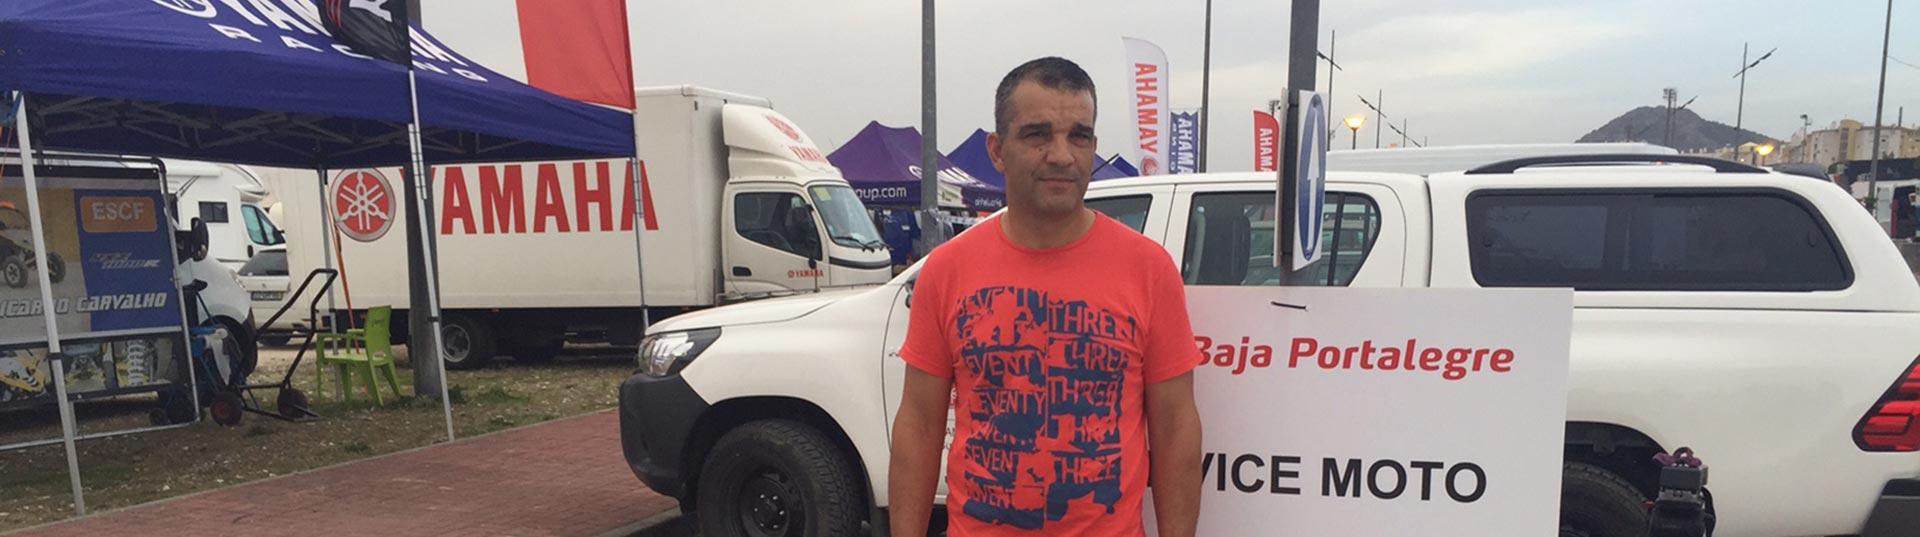 Capitão José Curião, da GNR, que corre na Baja Portalegre 500